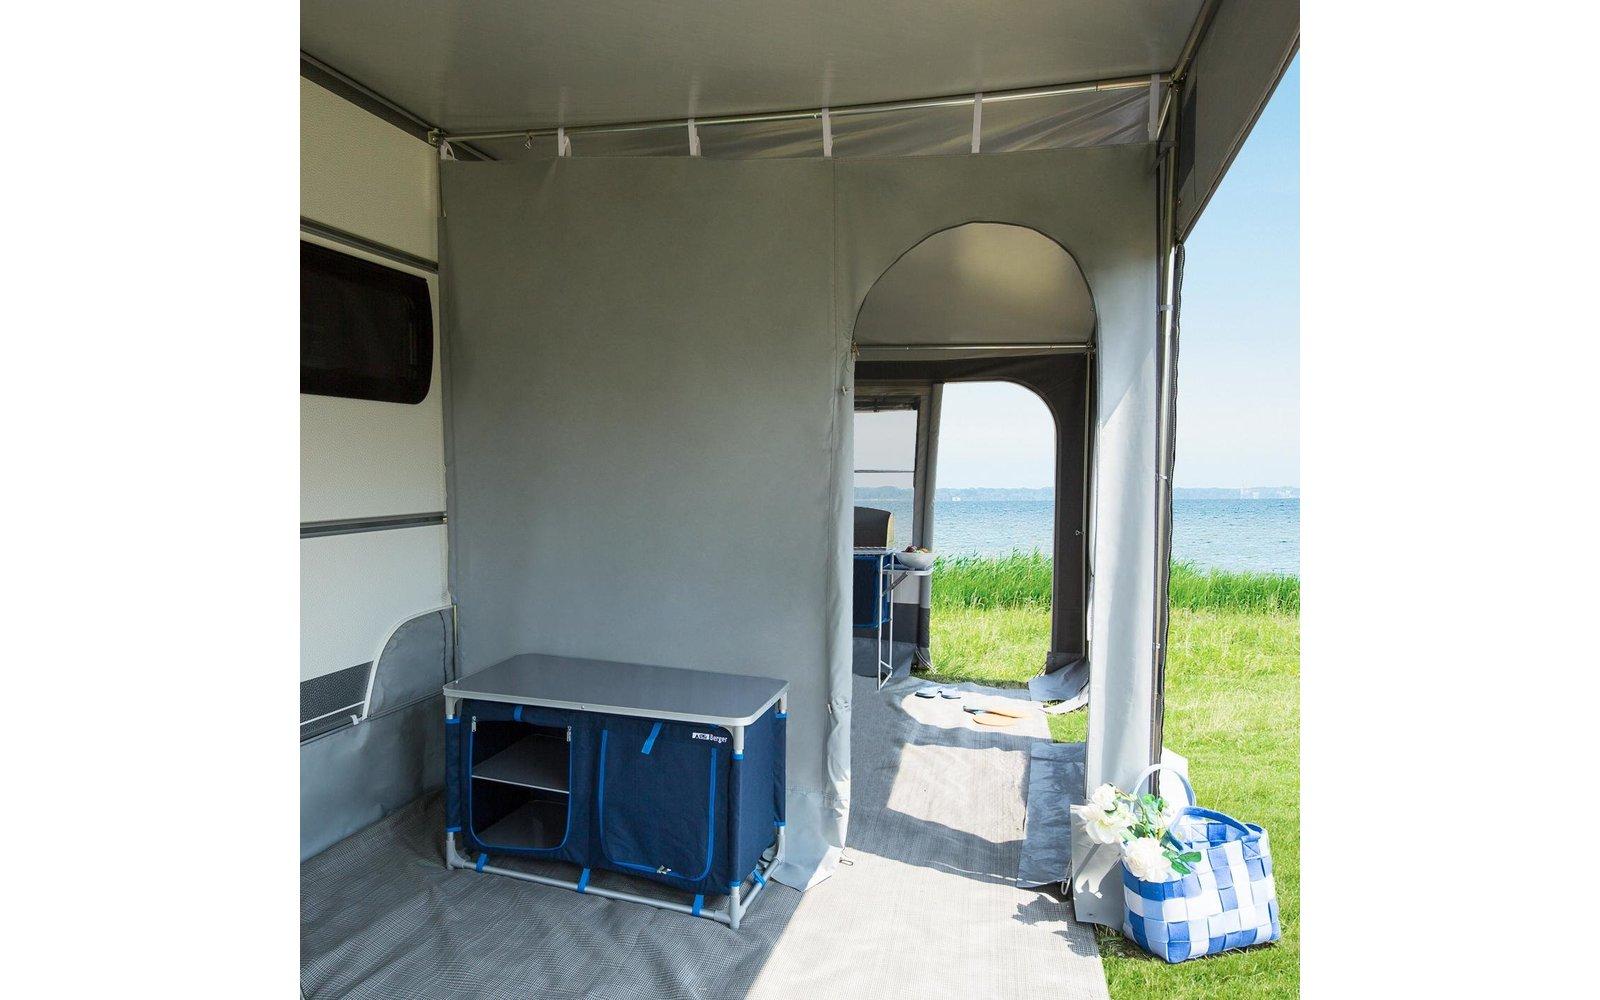 trennwand f r vorzelte fritz berger campingbedarf. Black Bedroom Furniture Sets. Home Design Ideas